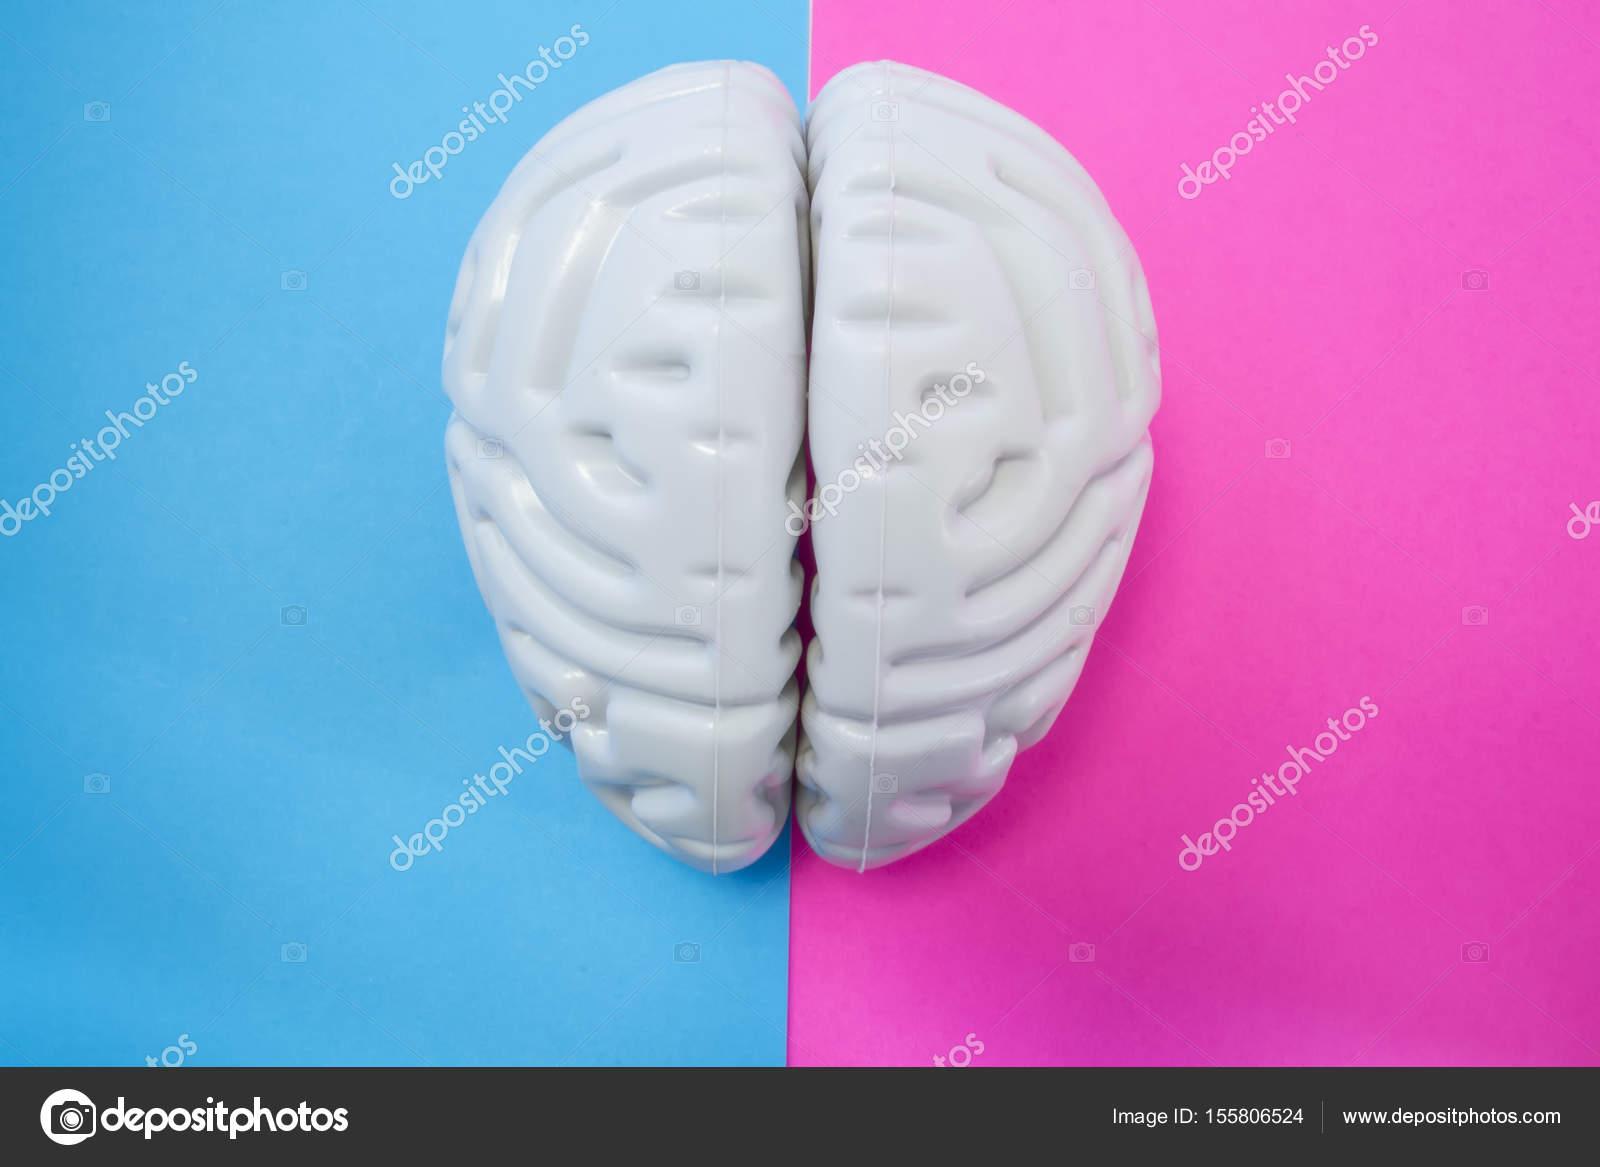 La figura del cerebro humano separa medio fondo rosa azul. El ...